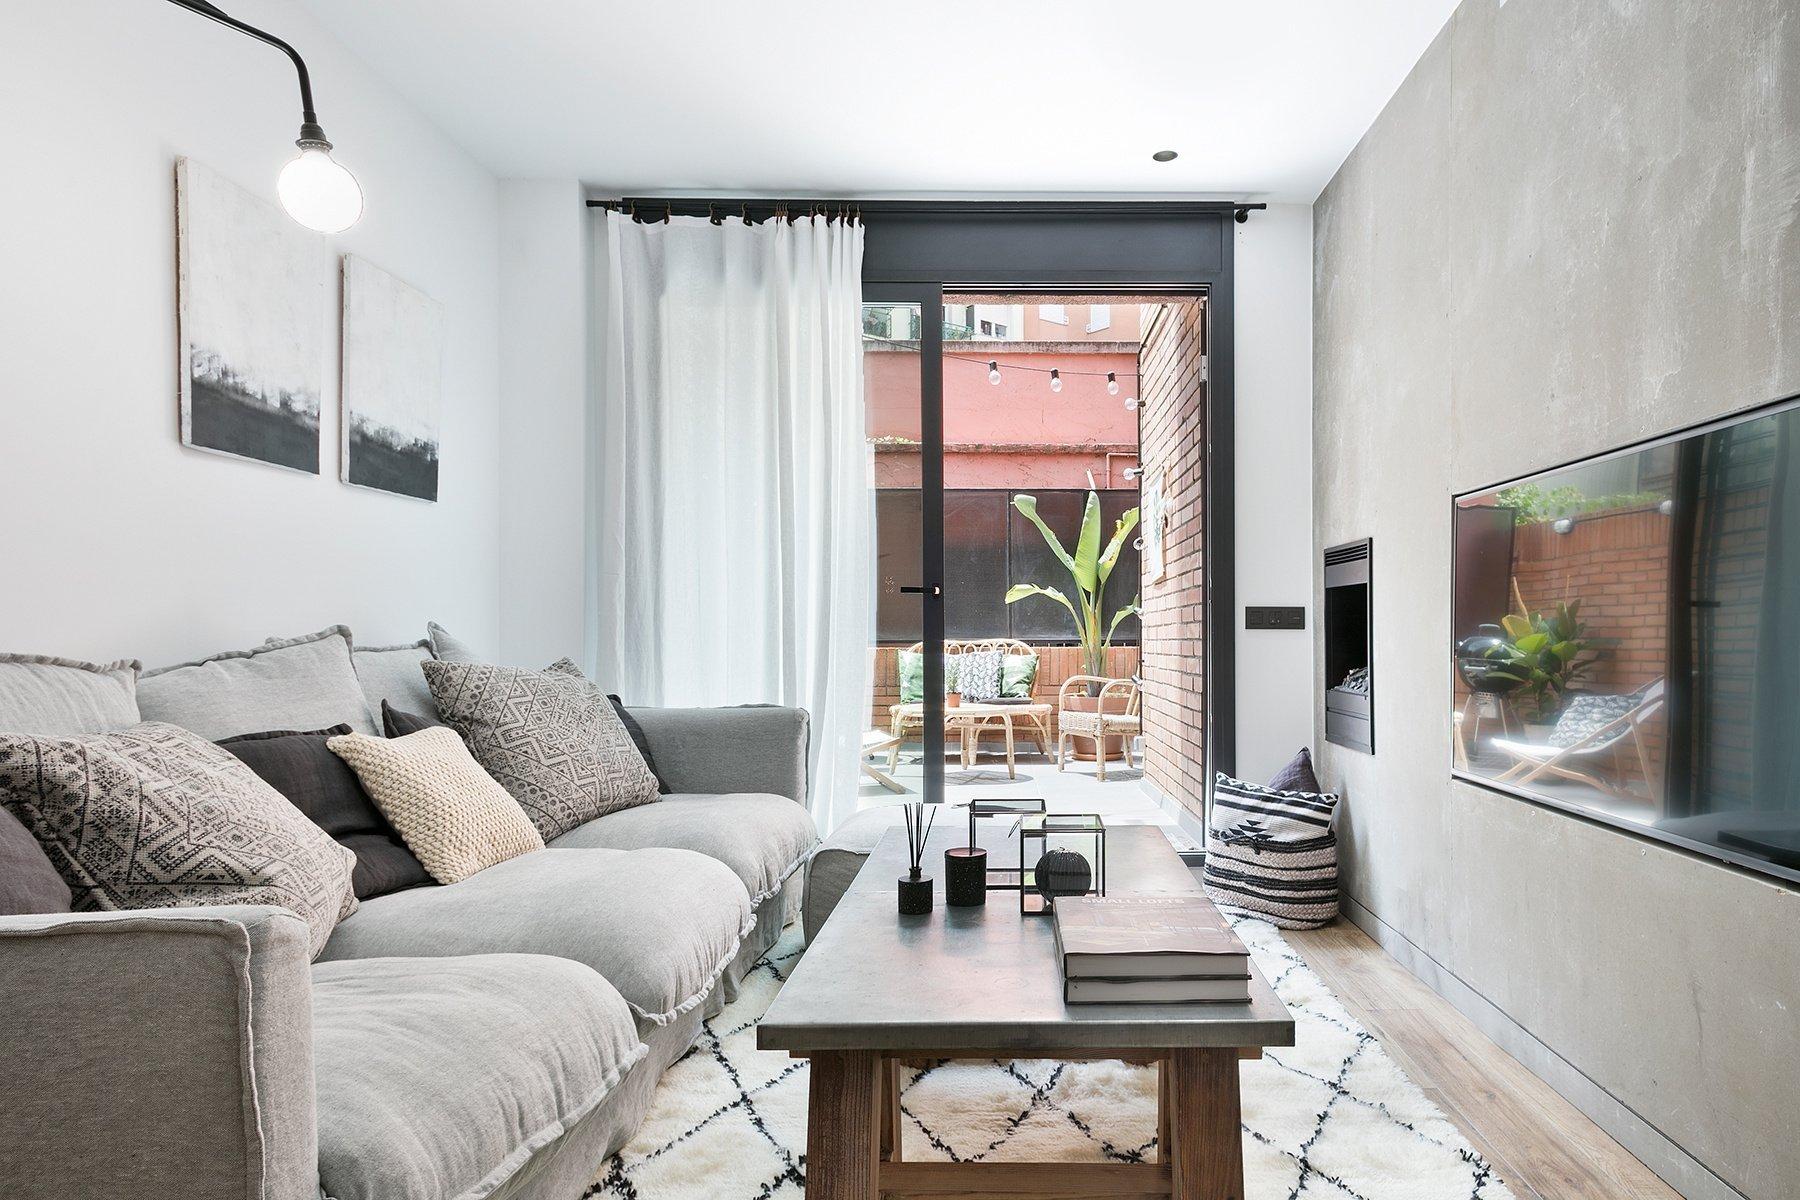 Tento byt se nachází v na první pohled zchátralé kancelářské budově v Barceloně, ve Španělsku. Byl kompletně zrekonstruován designérskou společností Dröm Living a stal se příjemným místem k bydlení. Interiéru vévodí jednoduchý a čistý design s industriálními prvky.